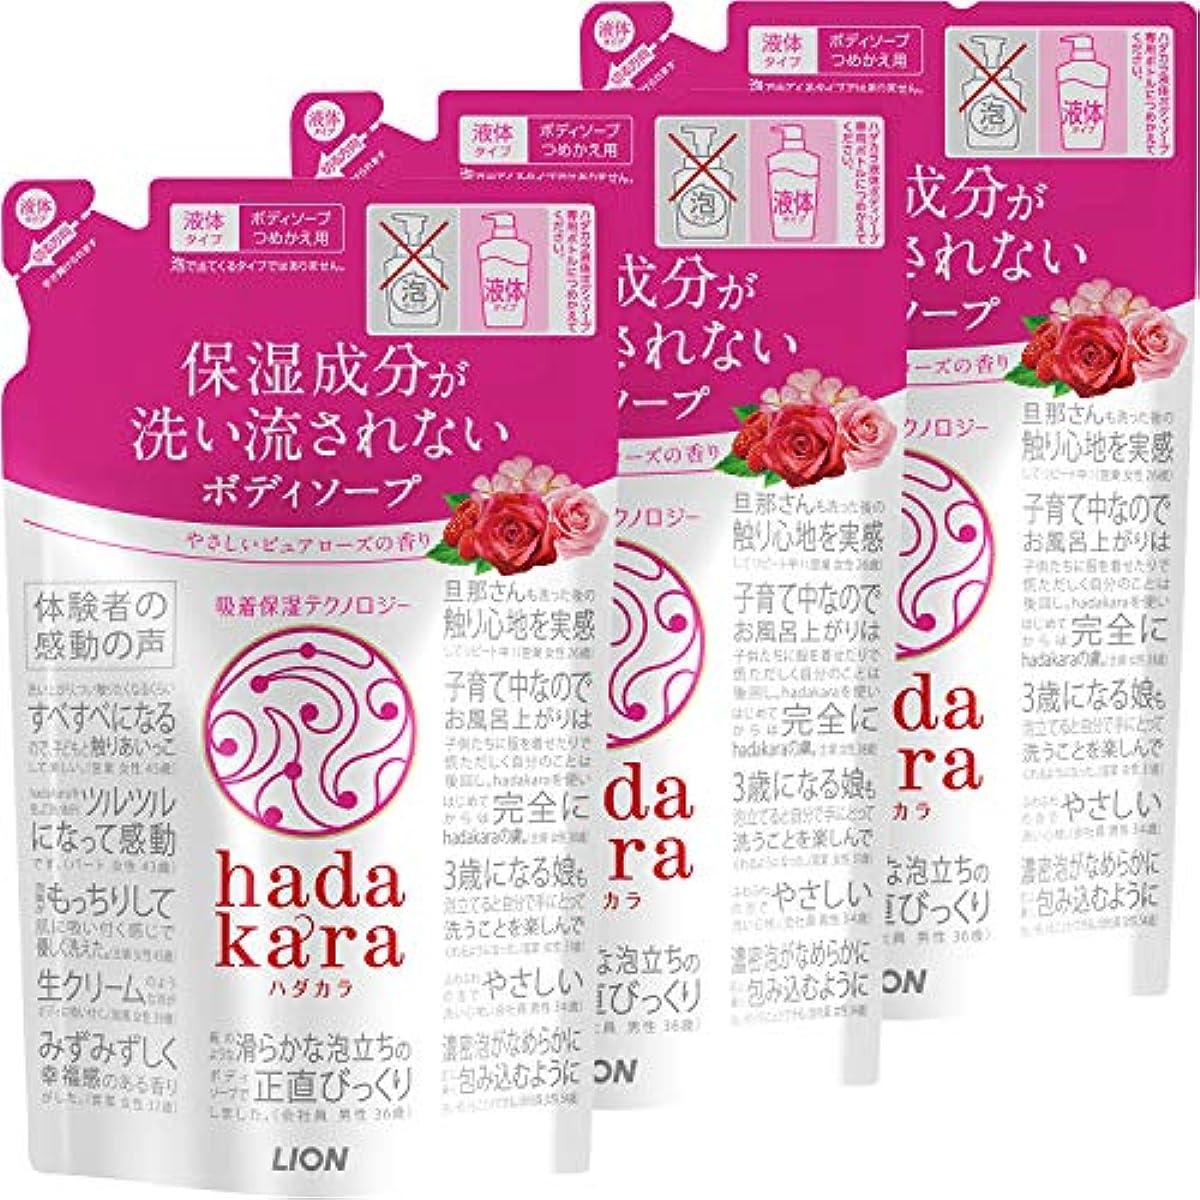 側ベアリングサークルインシュレータhadakara(ハダカラ) ボディソープ ピュアローズの香り つめかえ360ml×3個 詰替え用